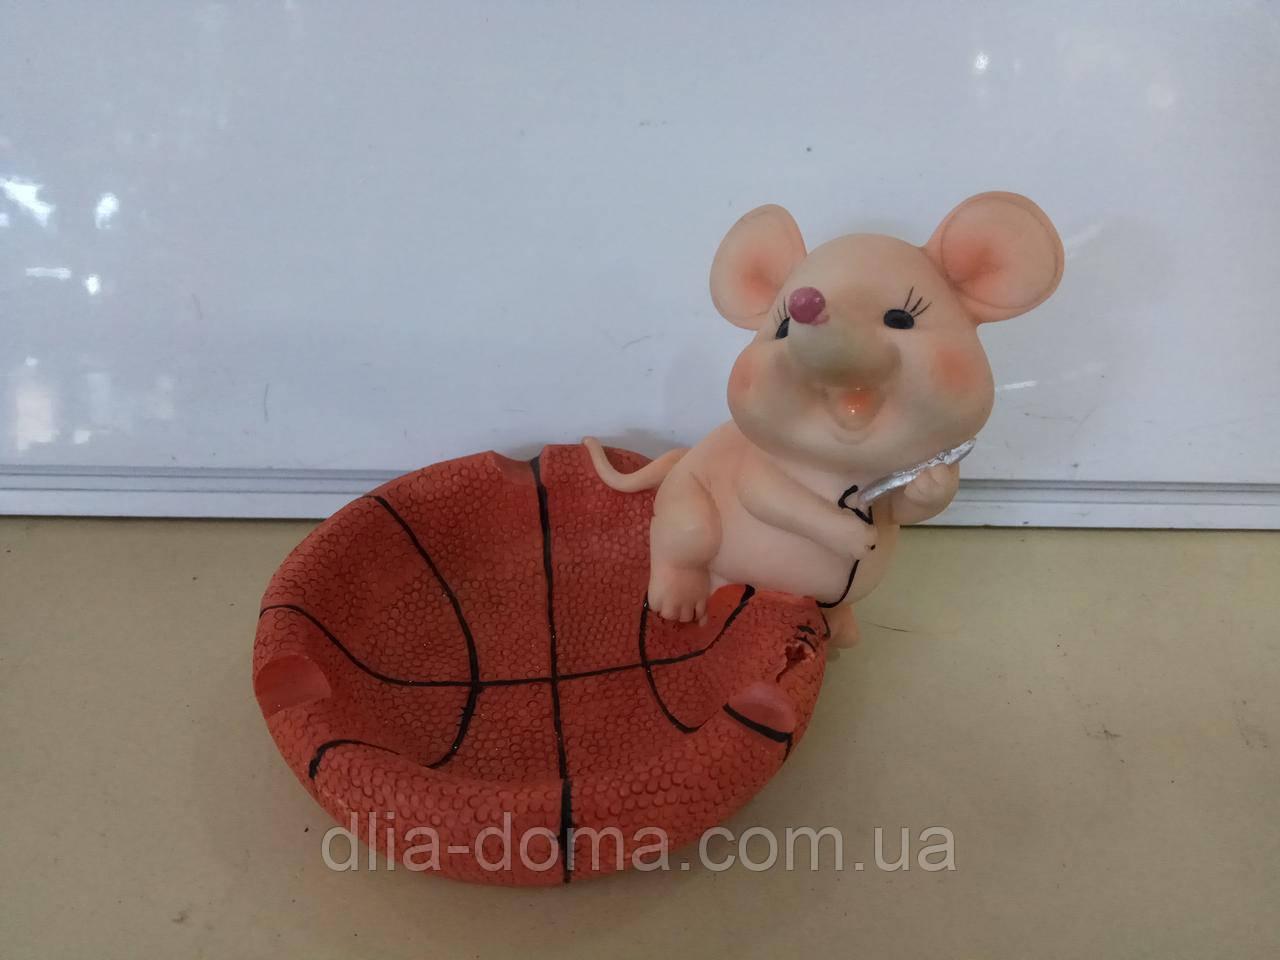 Сувенир пепельница мышь с сердцем